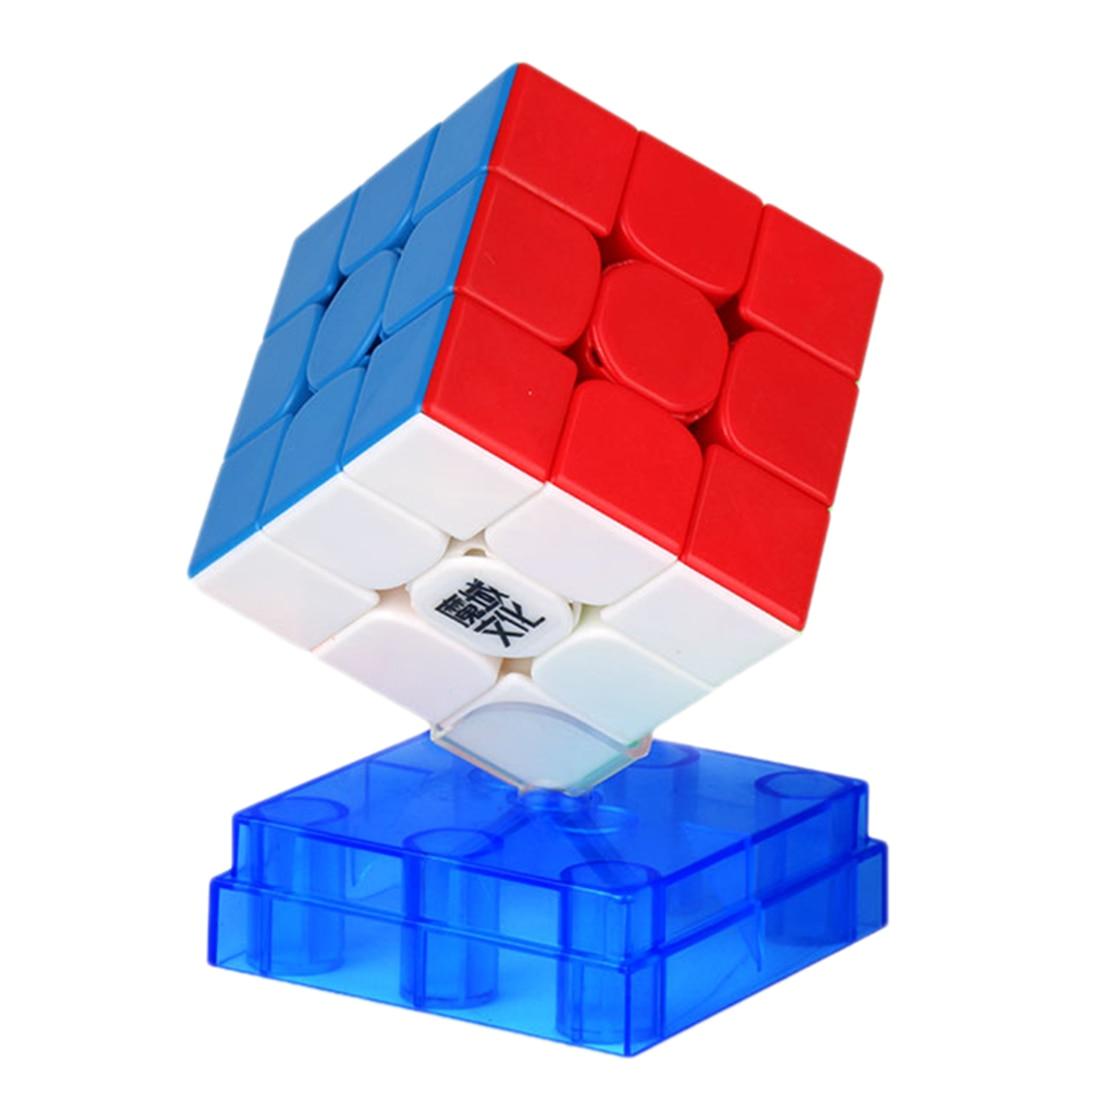 YJ8202 Moyu WeiLong WRM 3x3x3 Cube magique magnétique Cube carré-coloré